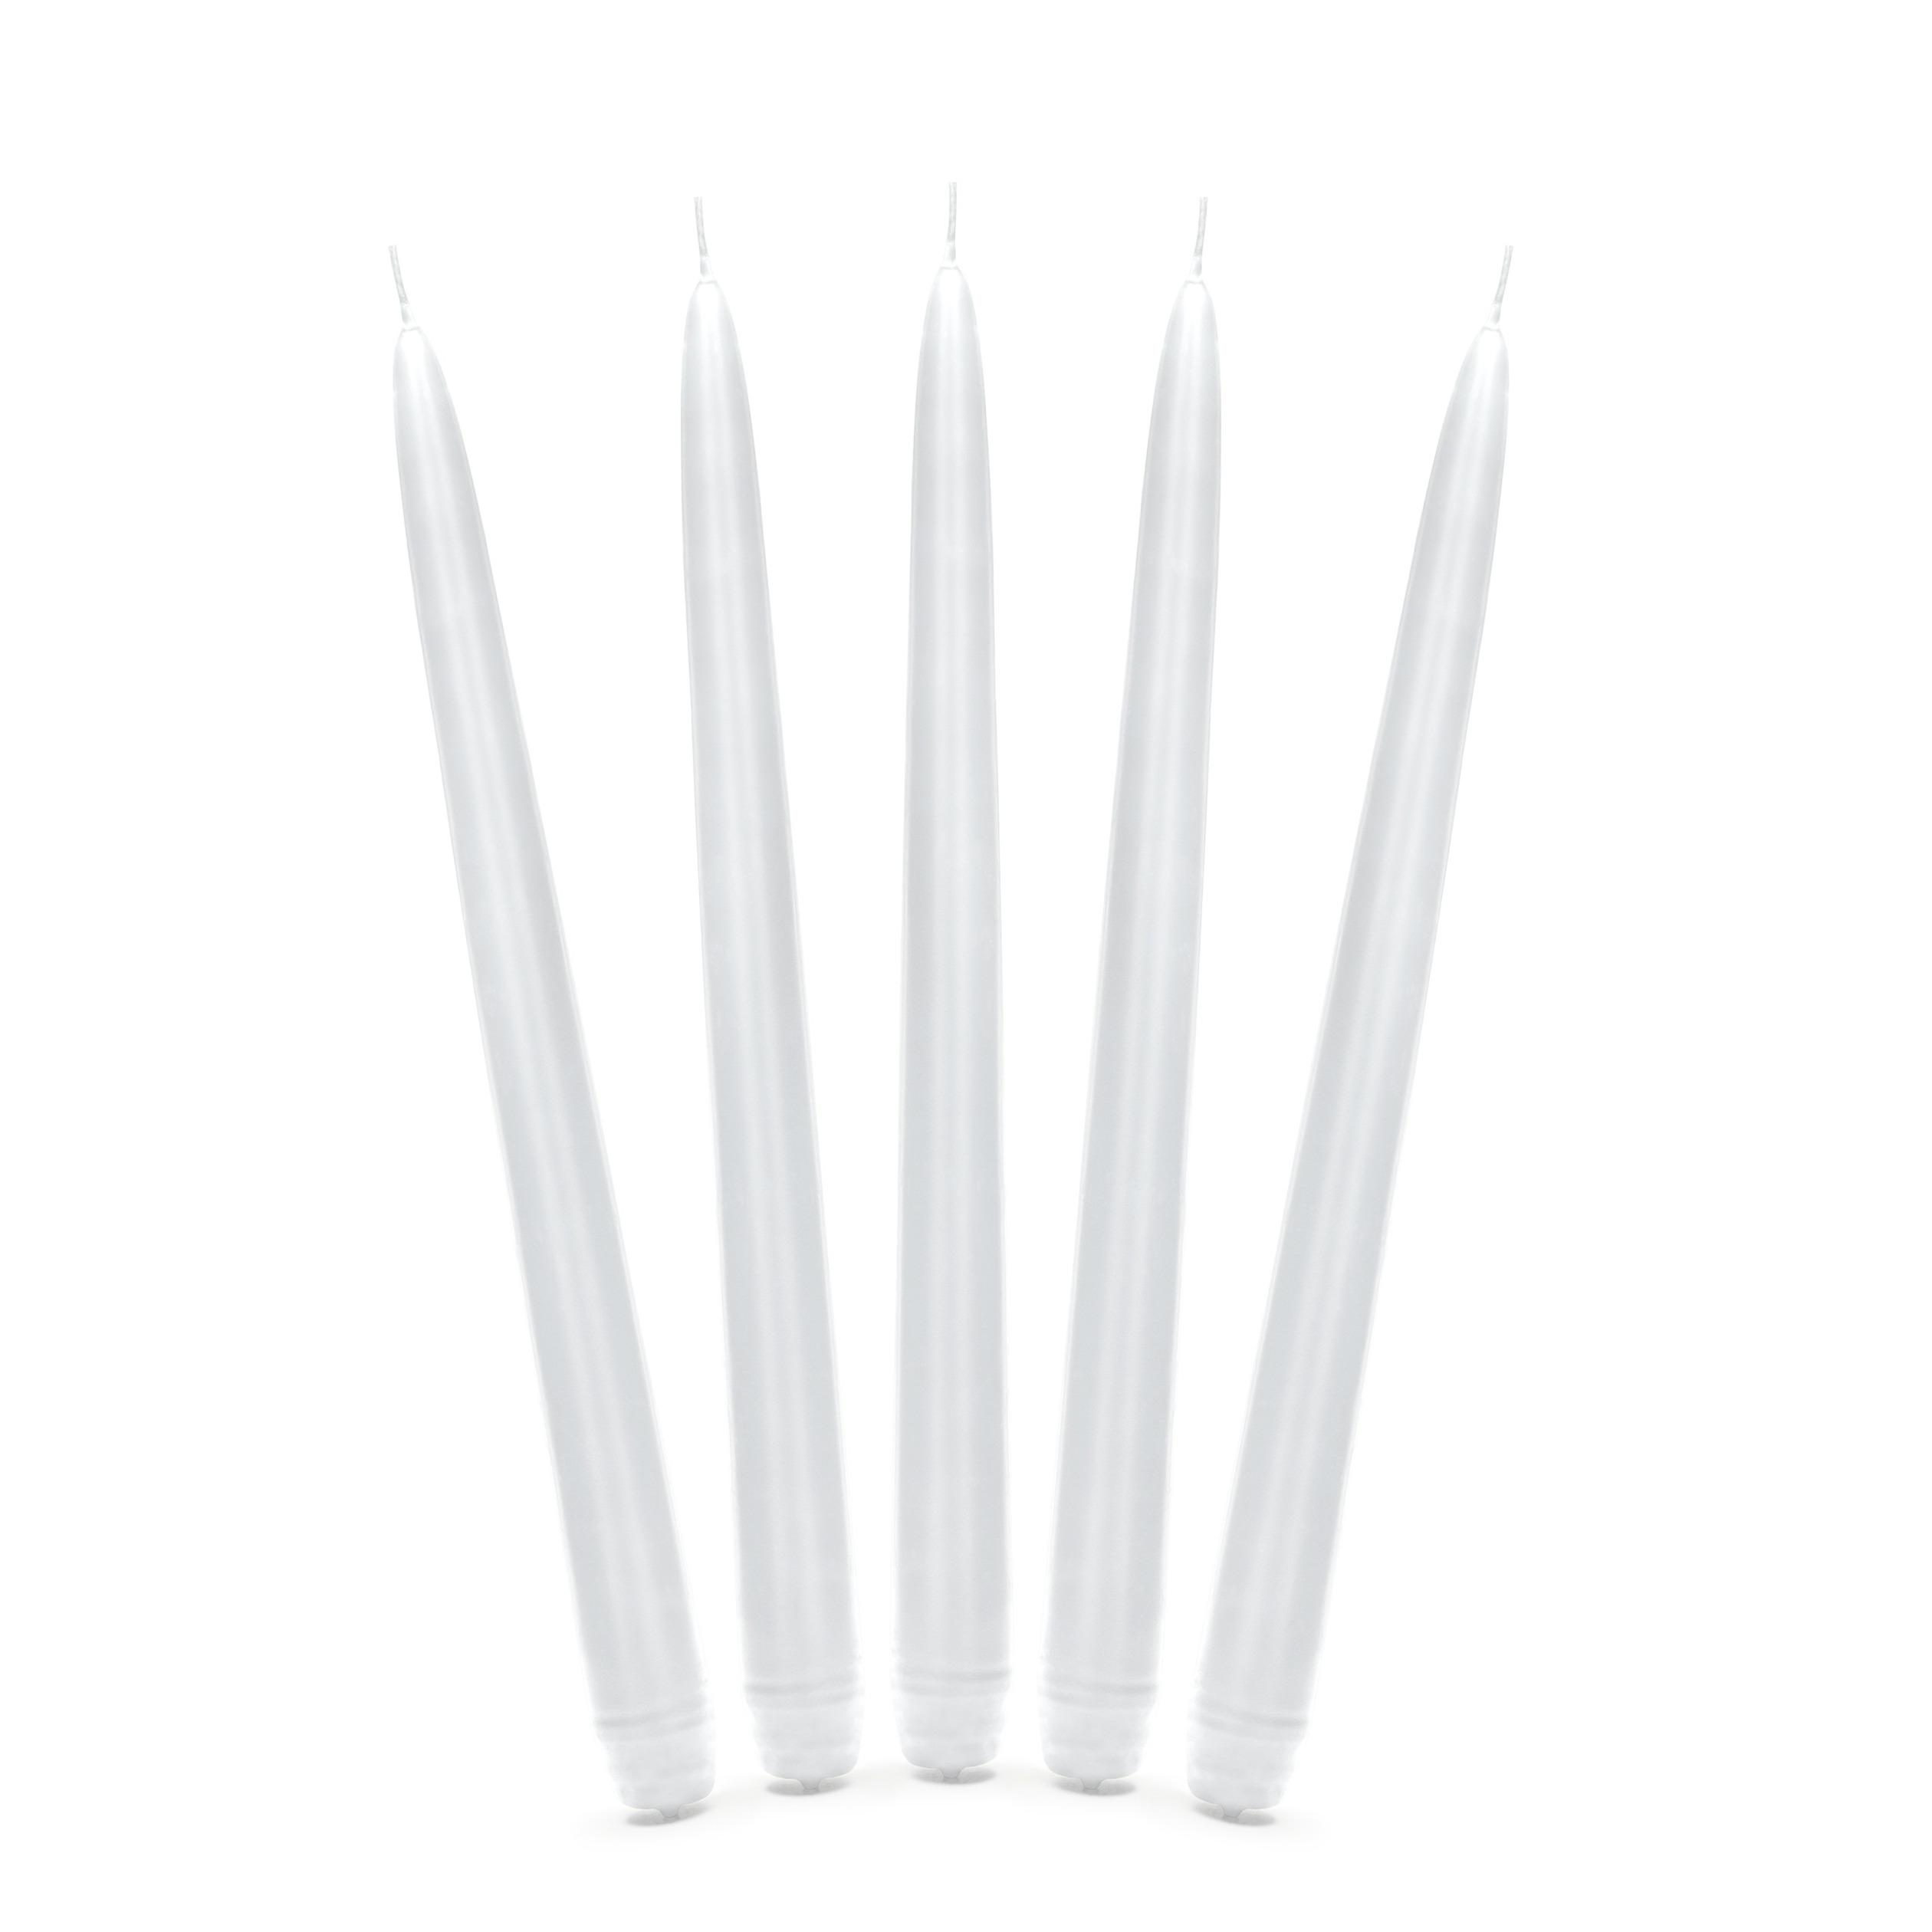 10x stuks Dinerkaarsen mat wit 24 cm